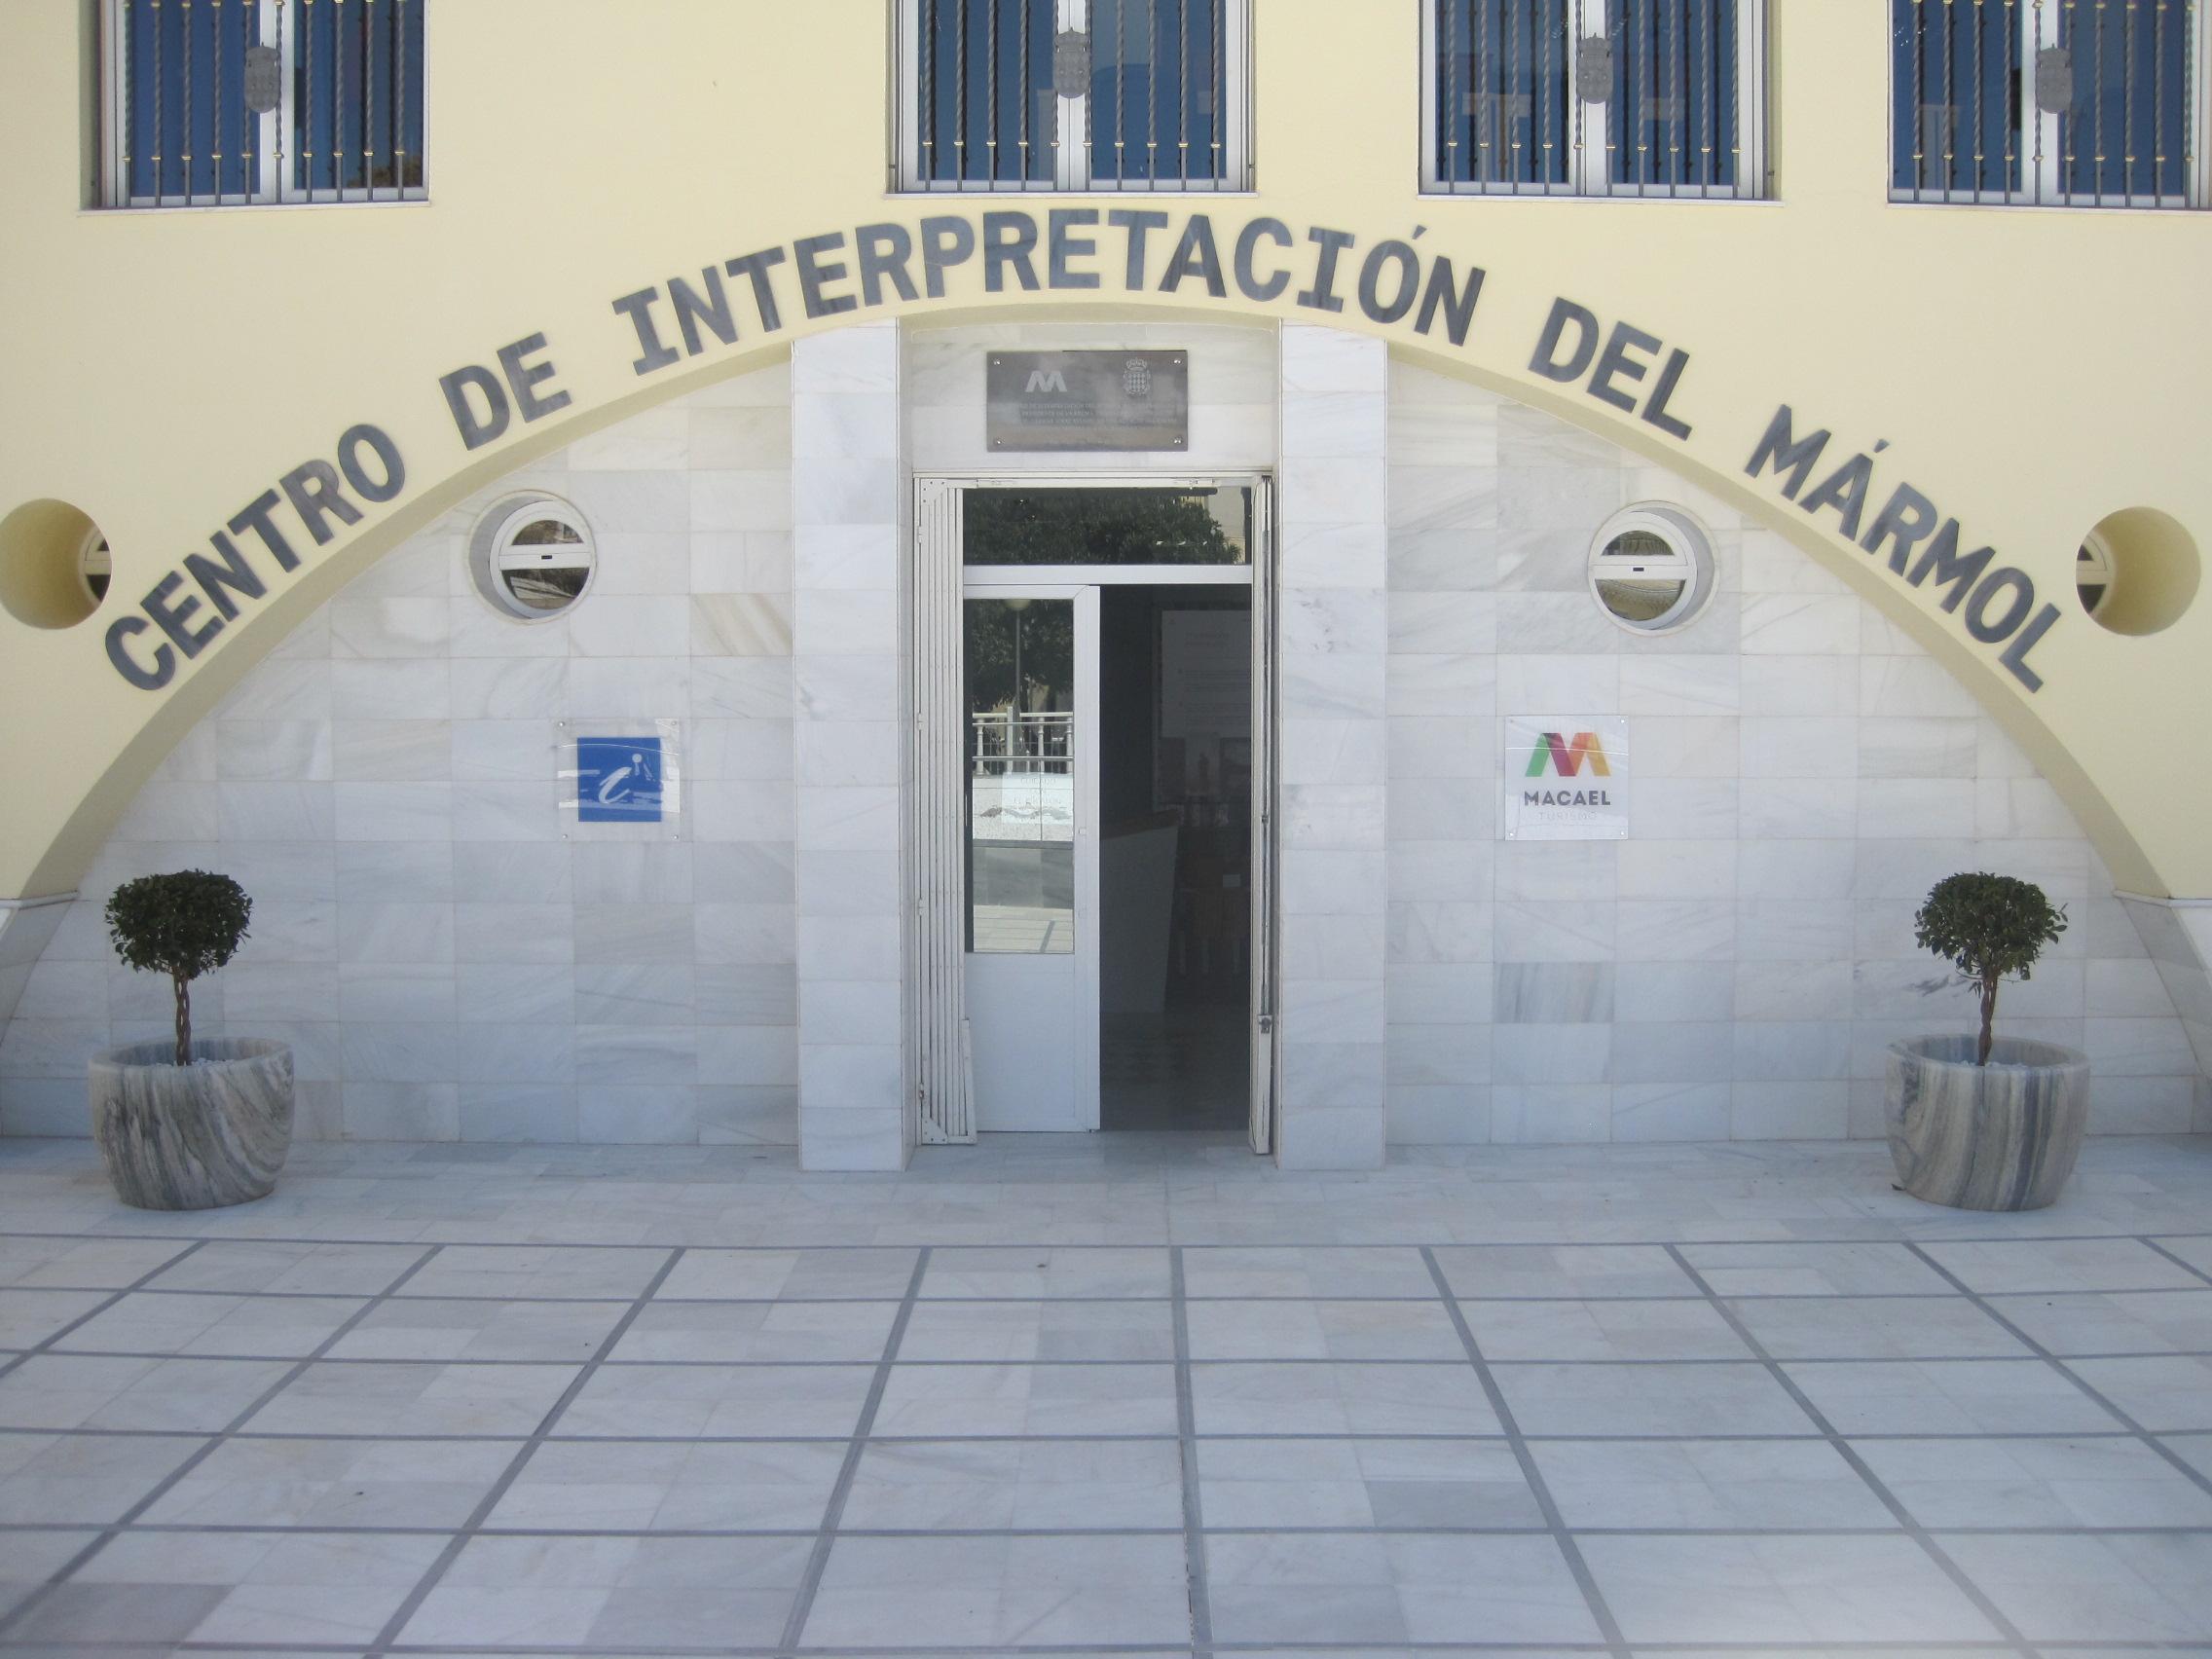 Centro de Interpretación del Mármol + Talleres de Artesanía y Escultura en Macael